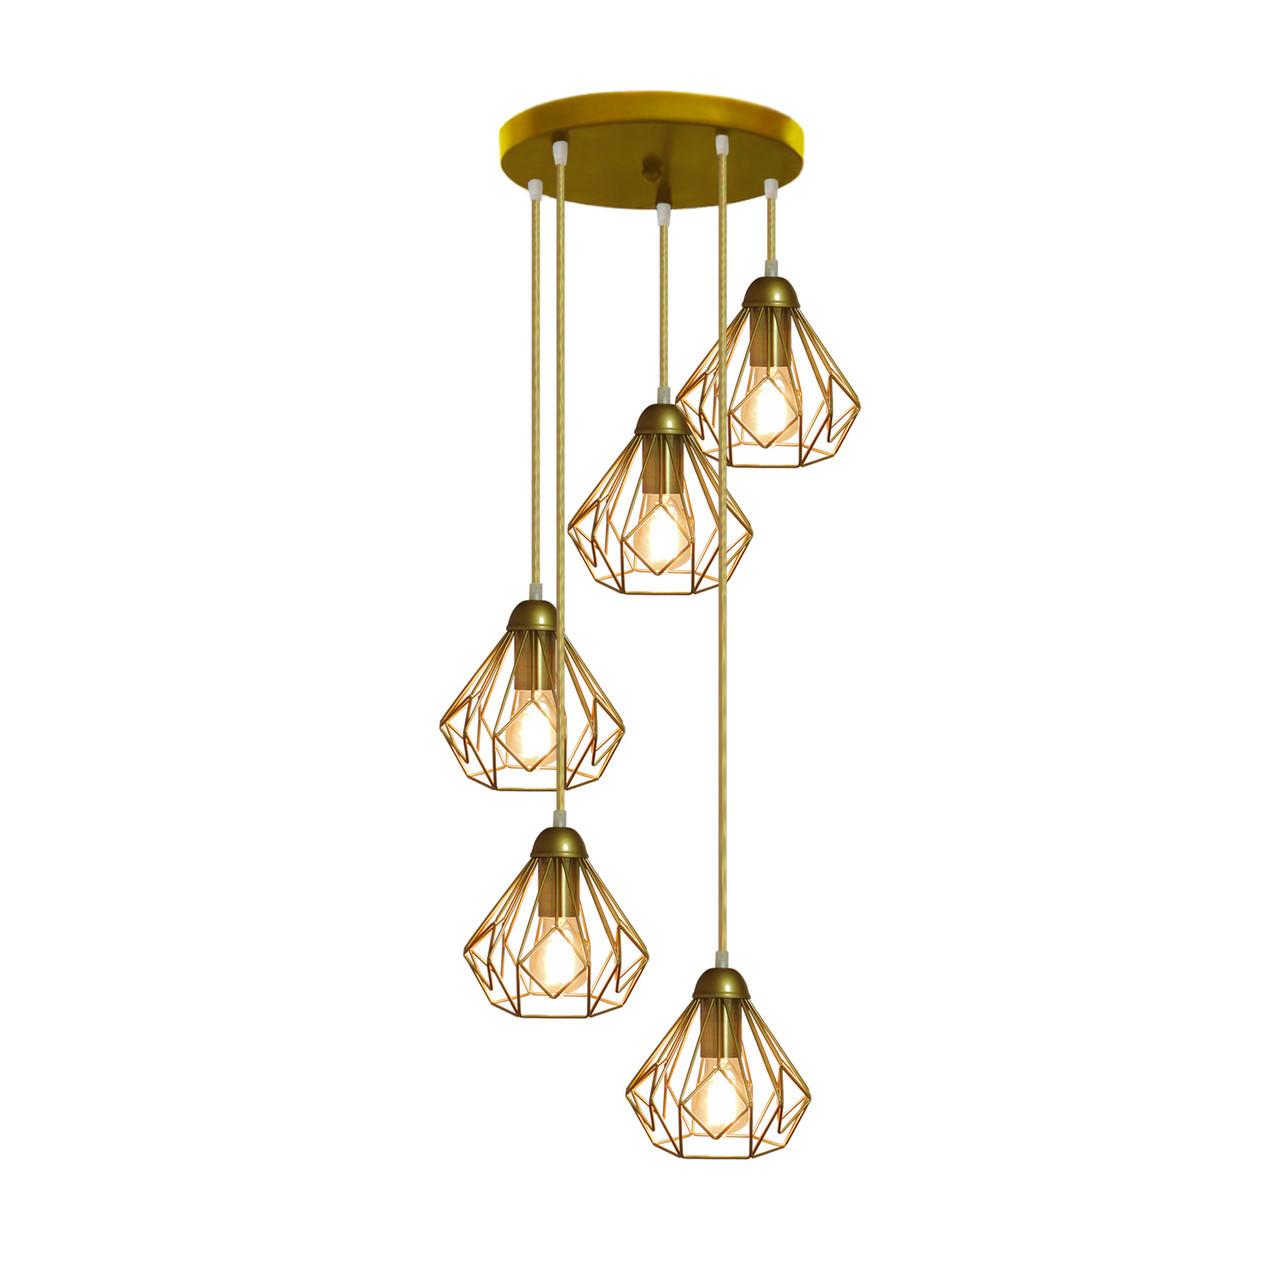 """Подвесной металлический светильник, современный стиль """"SKRAB-5GG"""" Е27  золотистый цвет"""